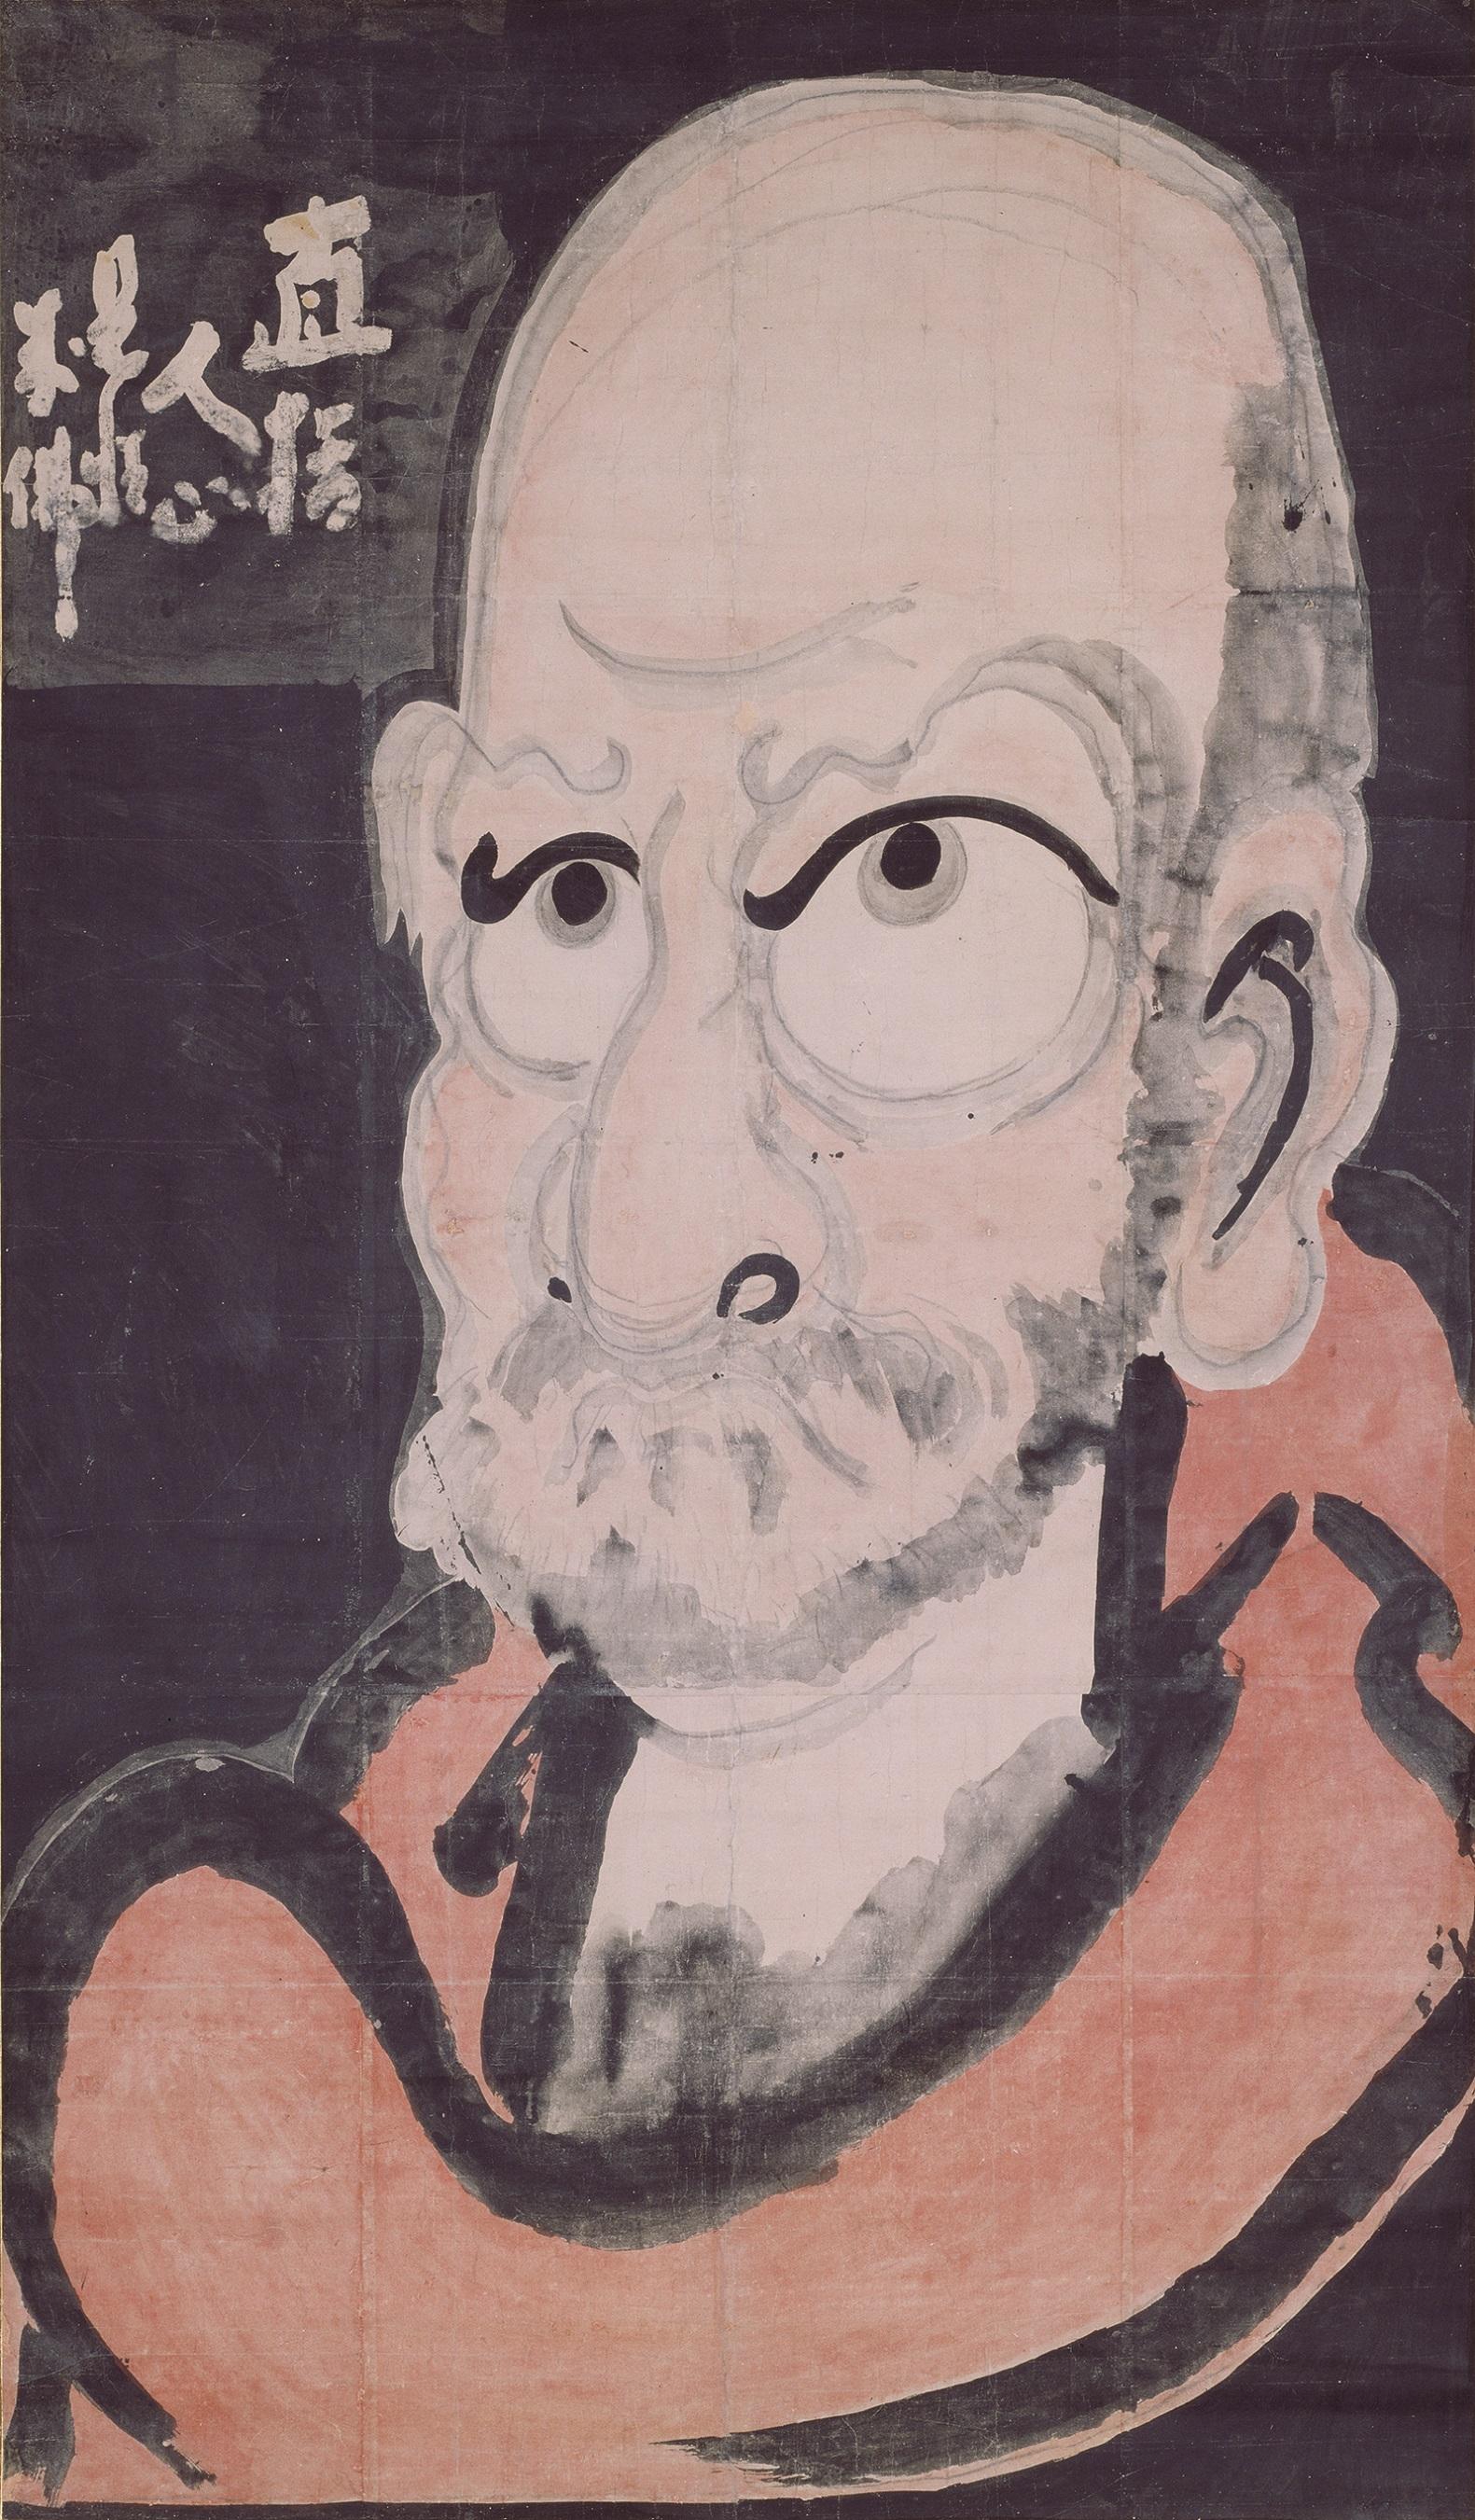 達磨像 白隠慧鶴筆 江戸時代 18世紀 大分・萬壽寺蔵(通期展示)